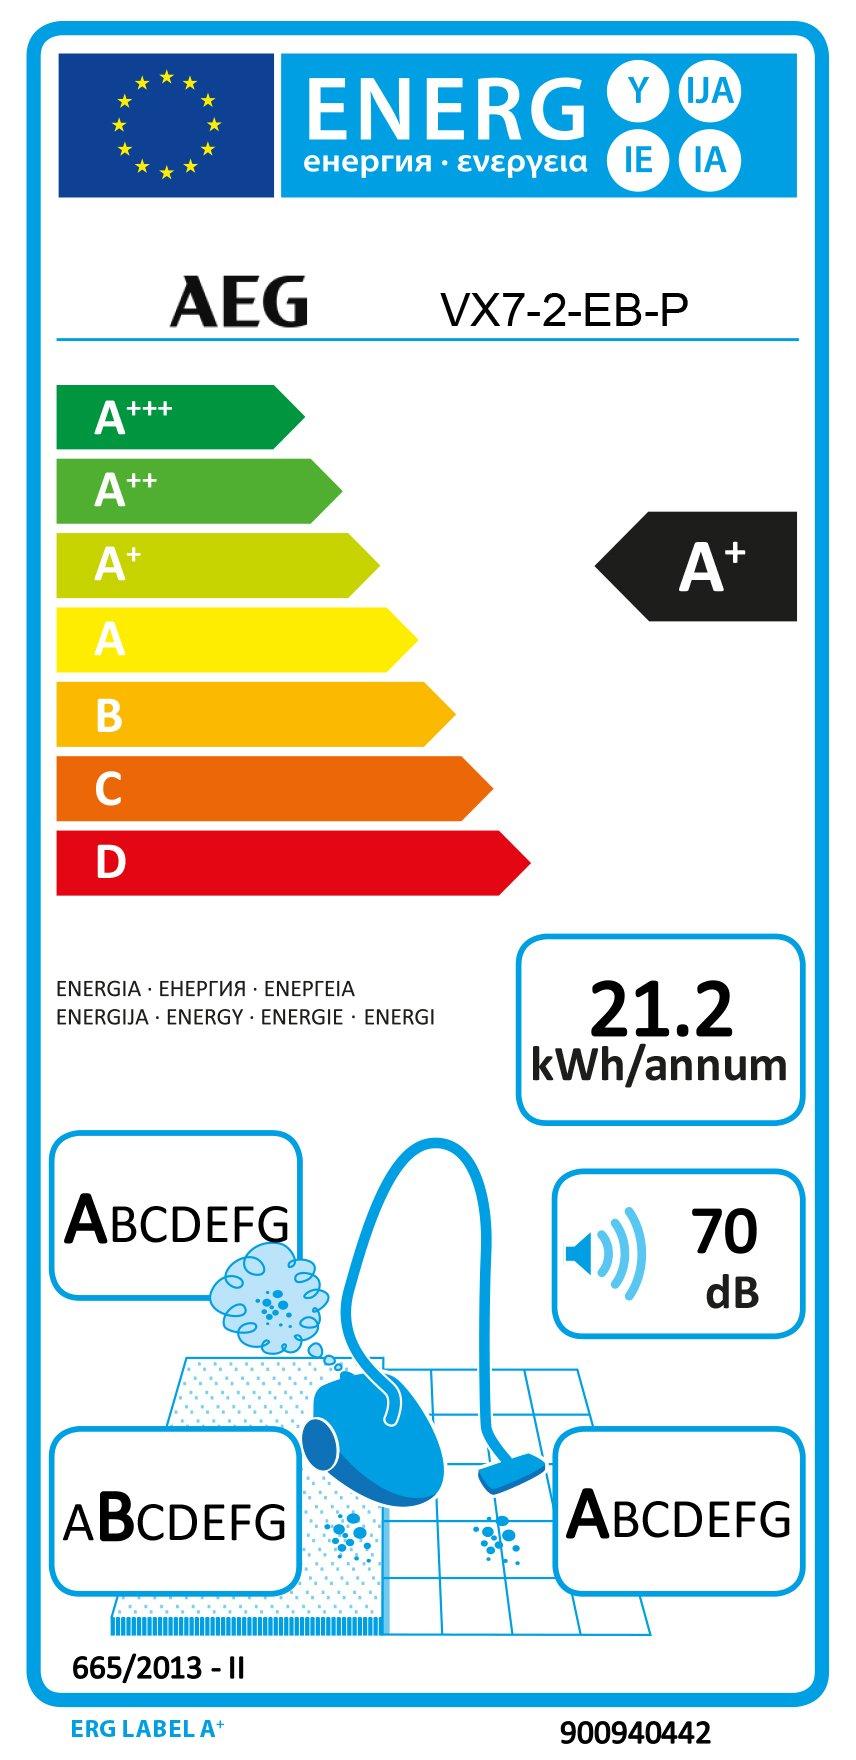 AEG VX7-2-EP-P Staubsauger mit Beutel / 360° drehbare Softräder / nur 70 db(A) / Zusatzdüsen / Ergo-Handgriff / Filter…